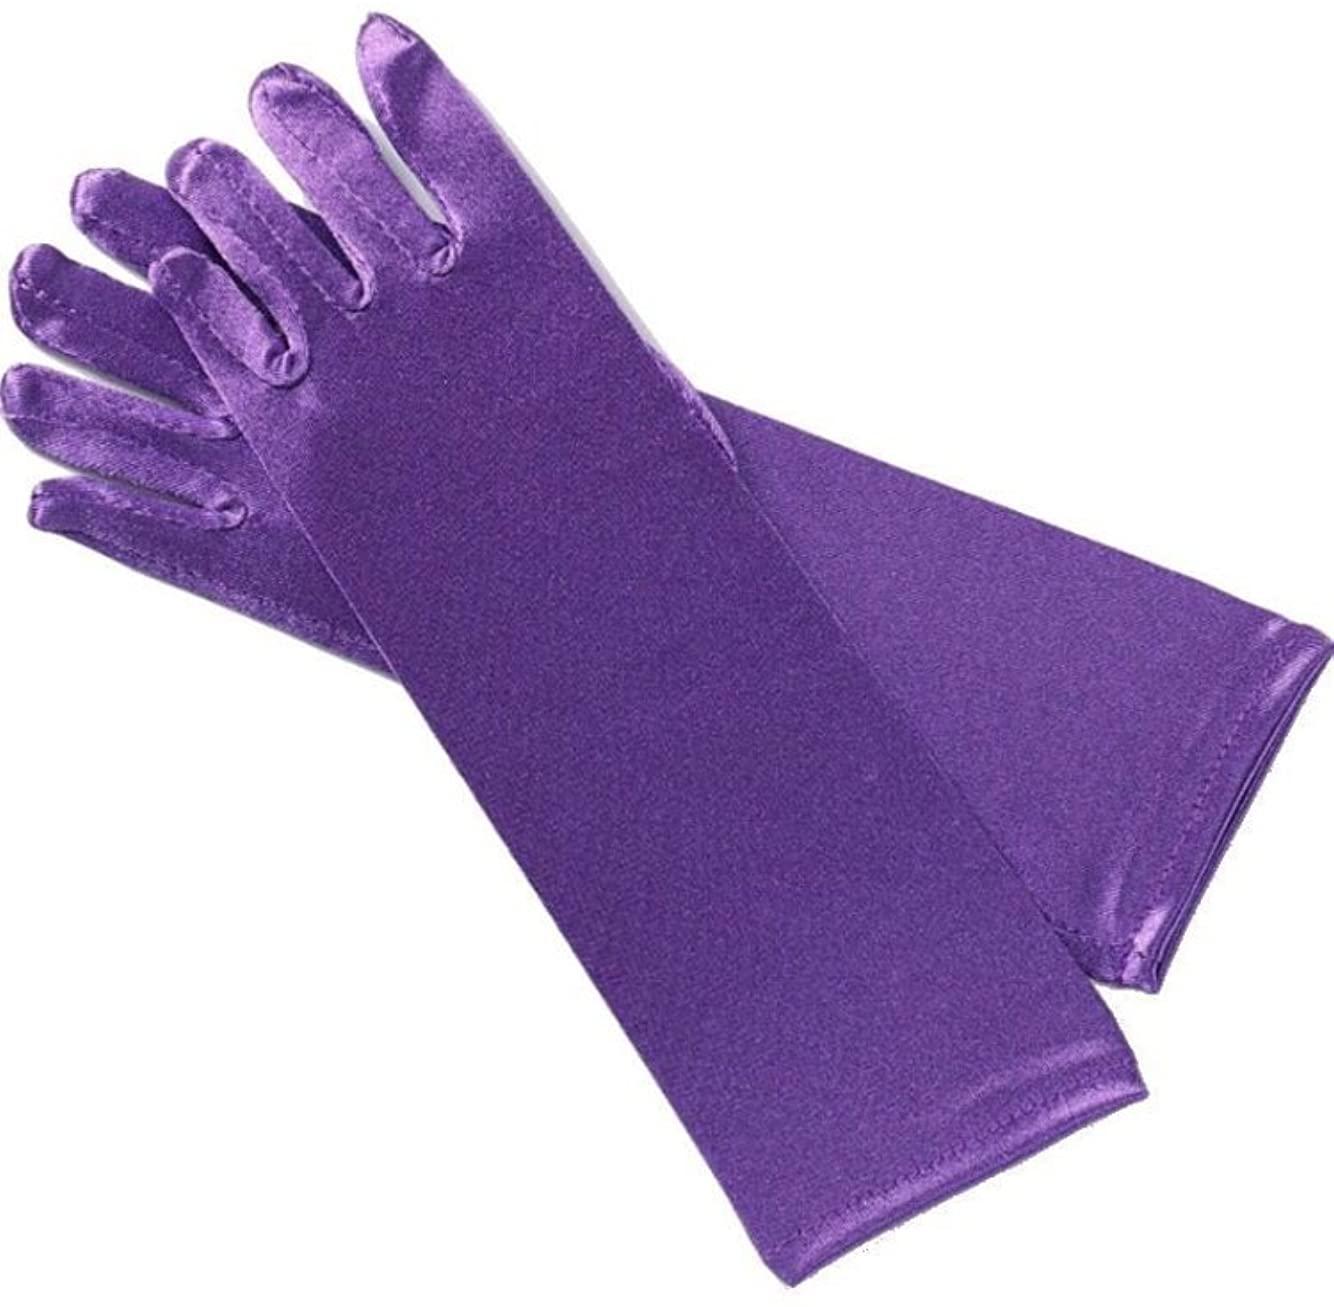 Children's Gloves (Purple)